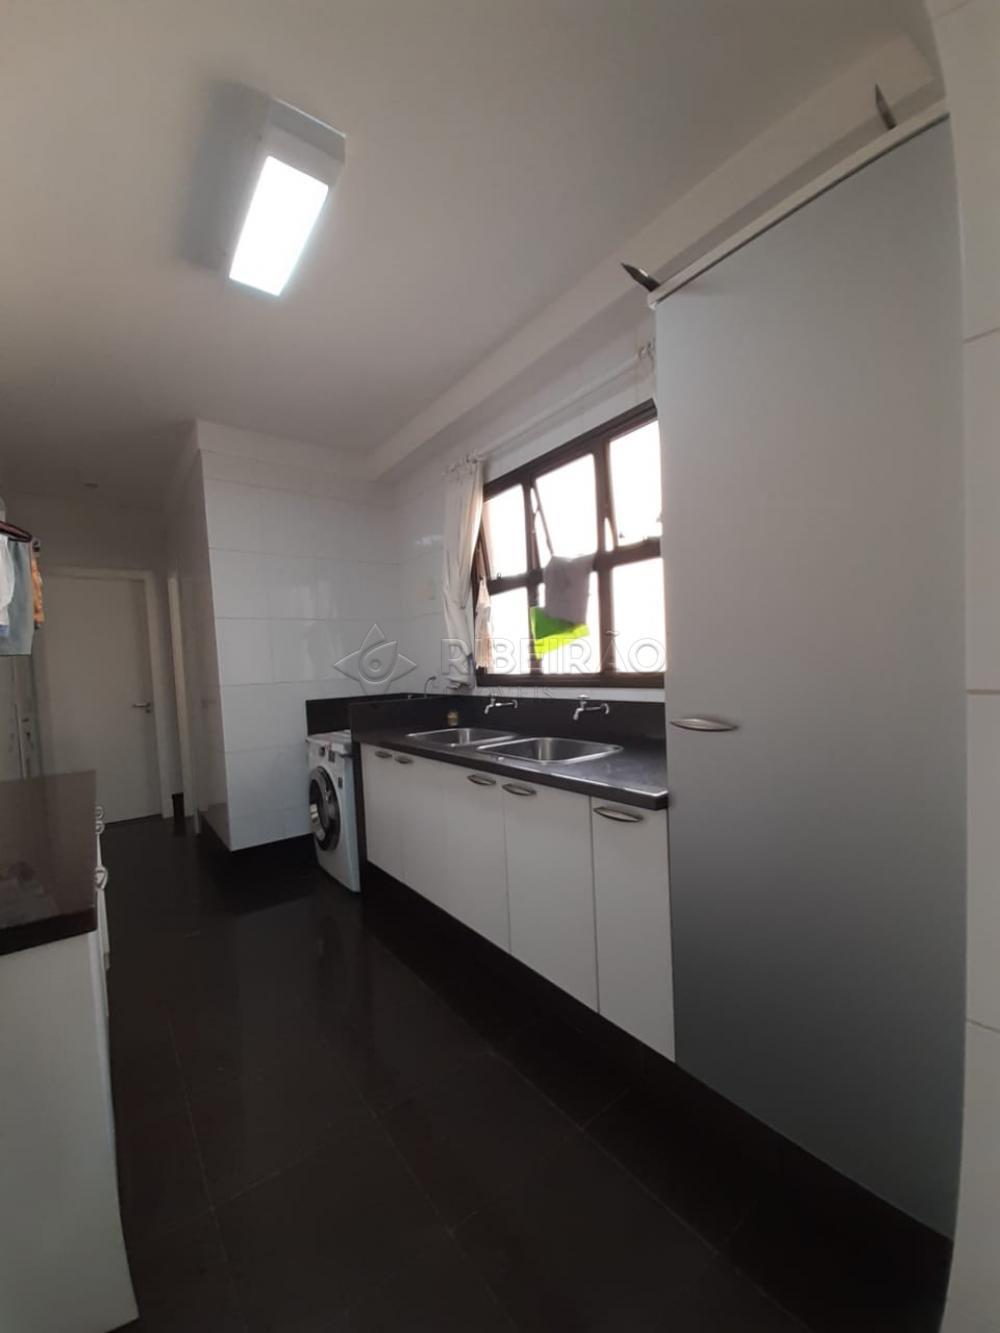 Comprar Apartamento / Padrão em Ribeirão Preto apenas R$ 1.400.000,00 - Foto 10